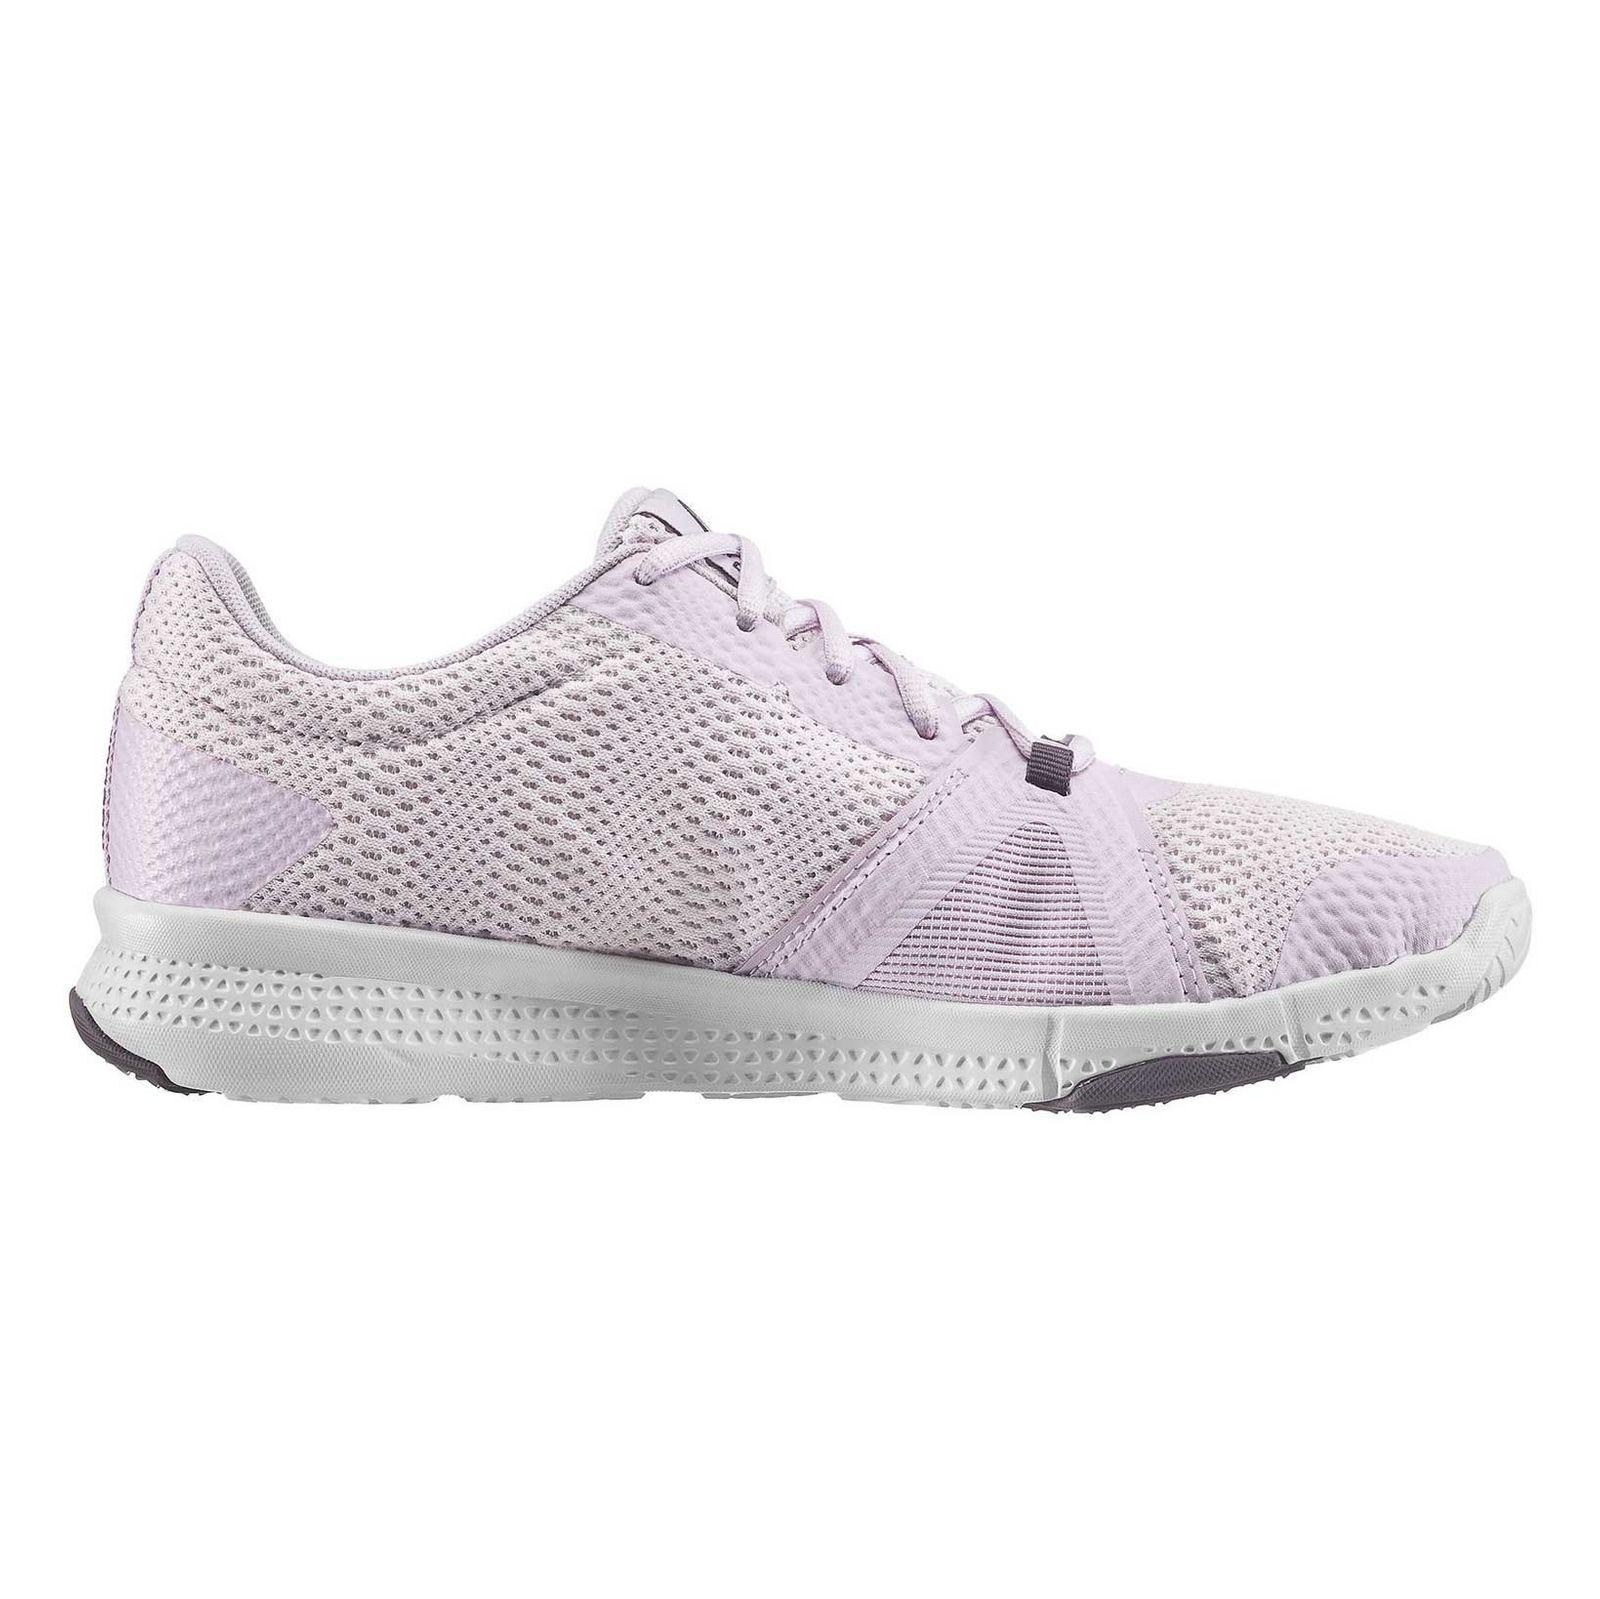 کفش تمرین بندی زنانه Flexile - ریباک - صورتی - 3